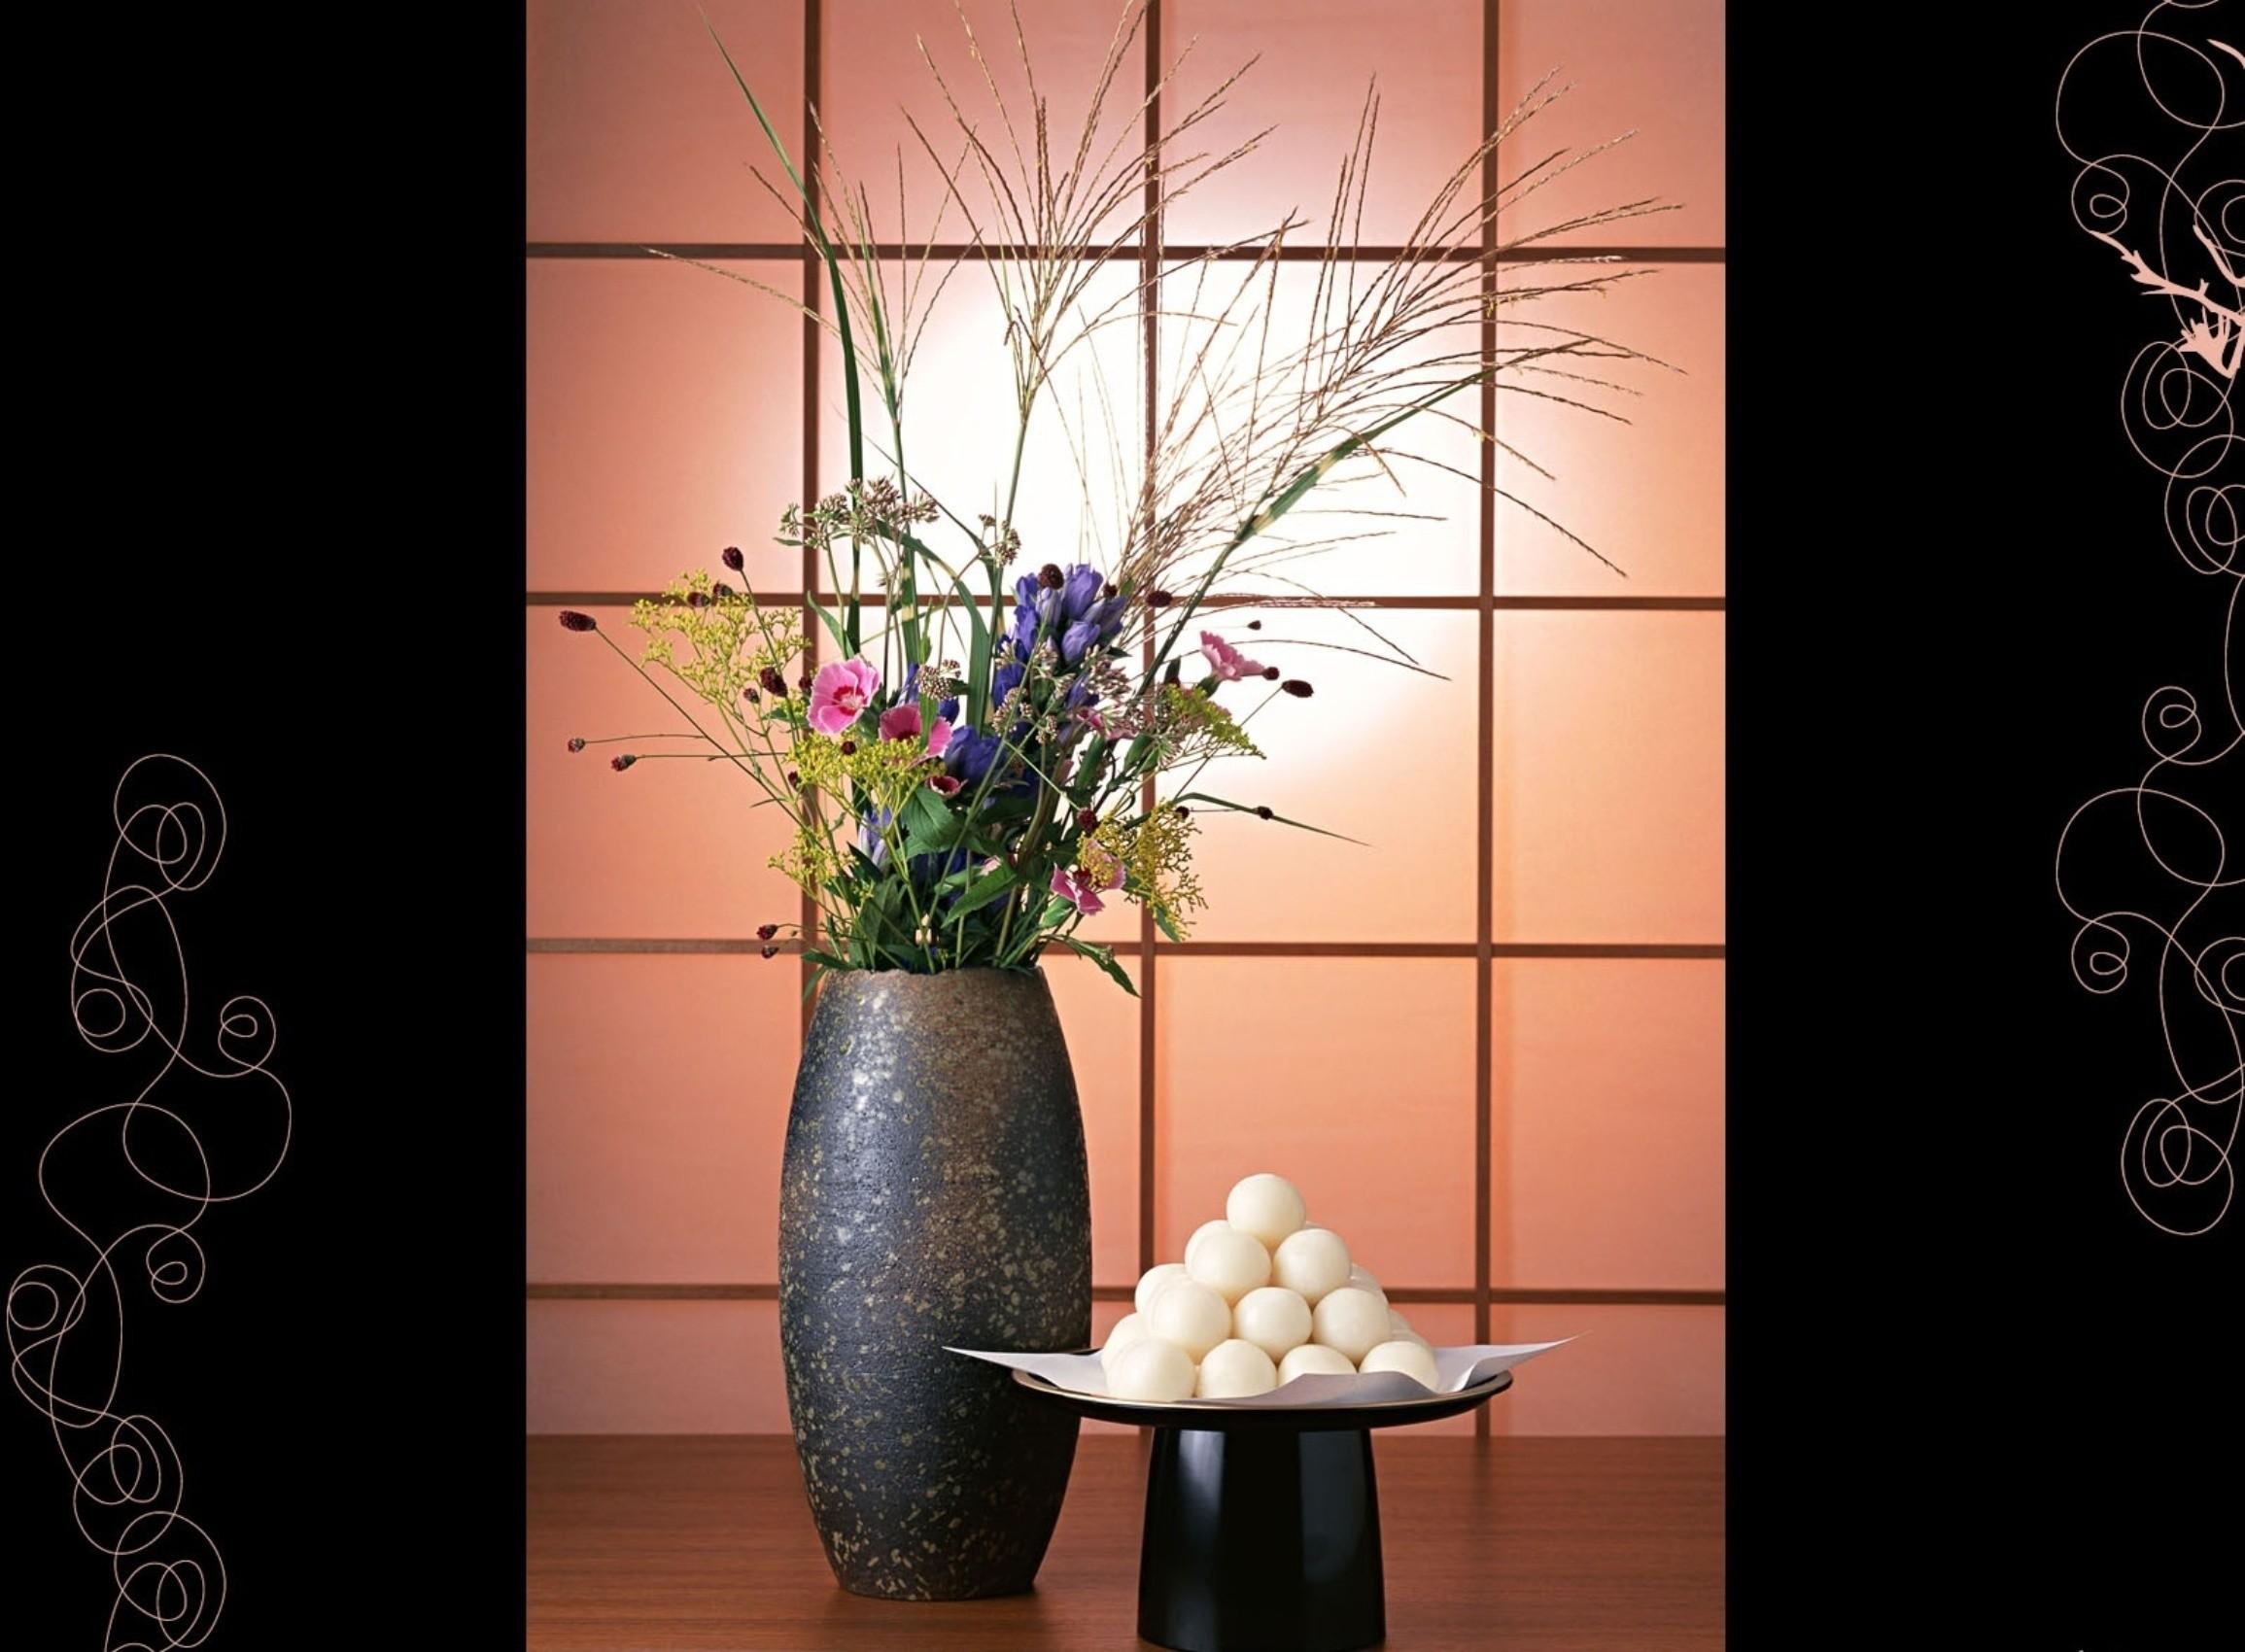 Res: 2310x1700, 3D wallpapers. black background, patterns, sliding partition, floor vase,  ikebana